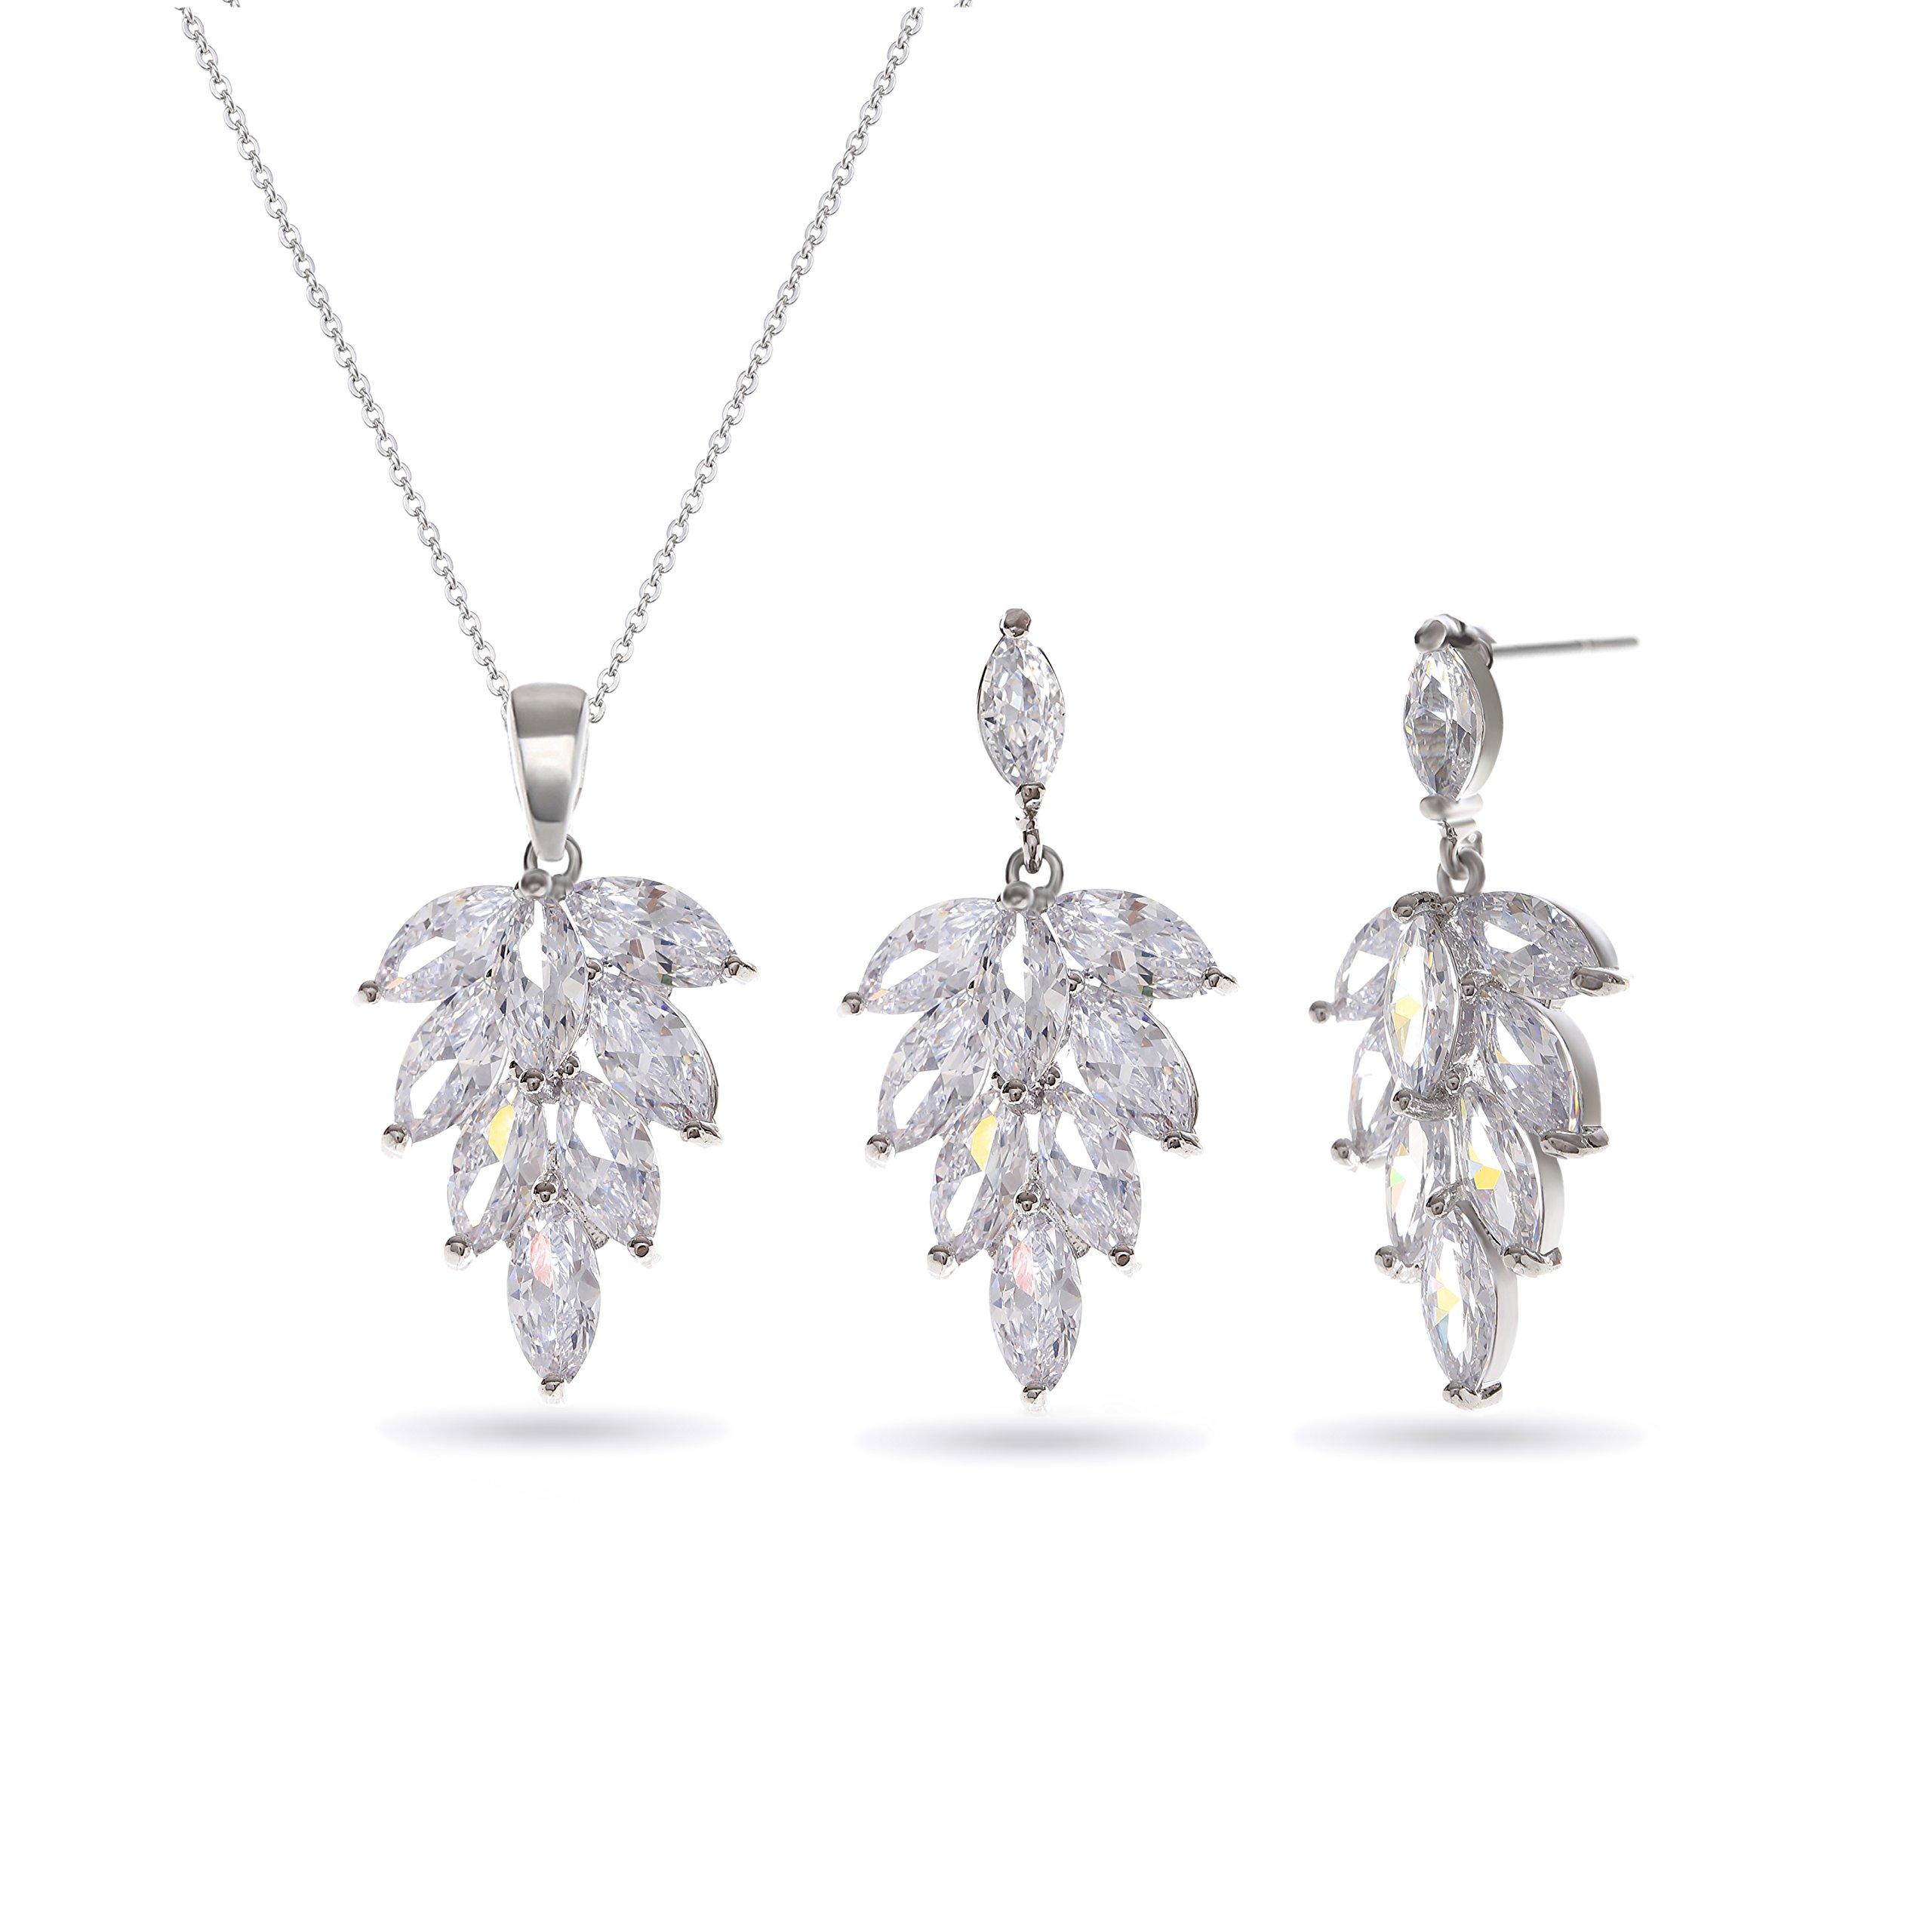 MYKEA Jewelry Set Wedding 925 Sterling Silver Leaf Crystal CZ Pendant Necklace Earrings for Women Girls Gift Idea